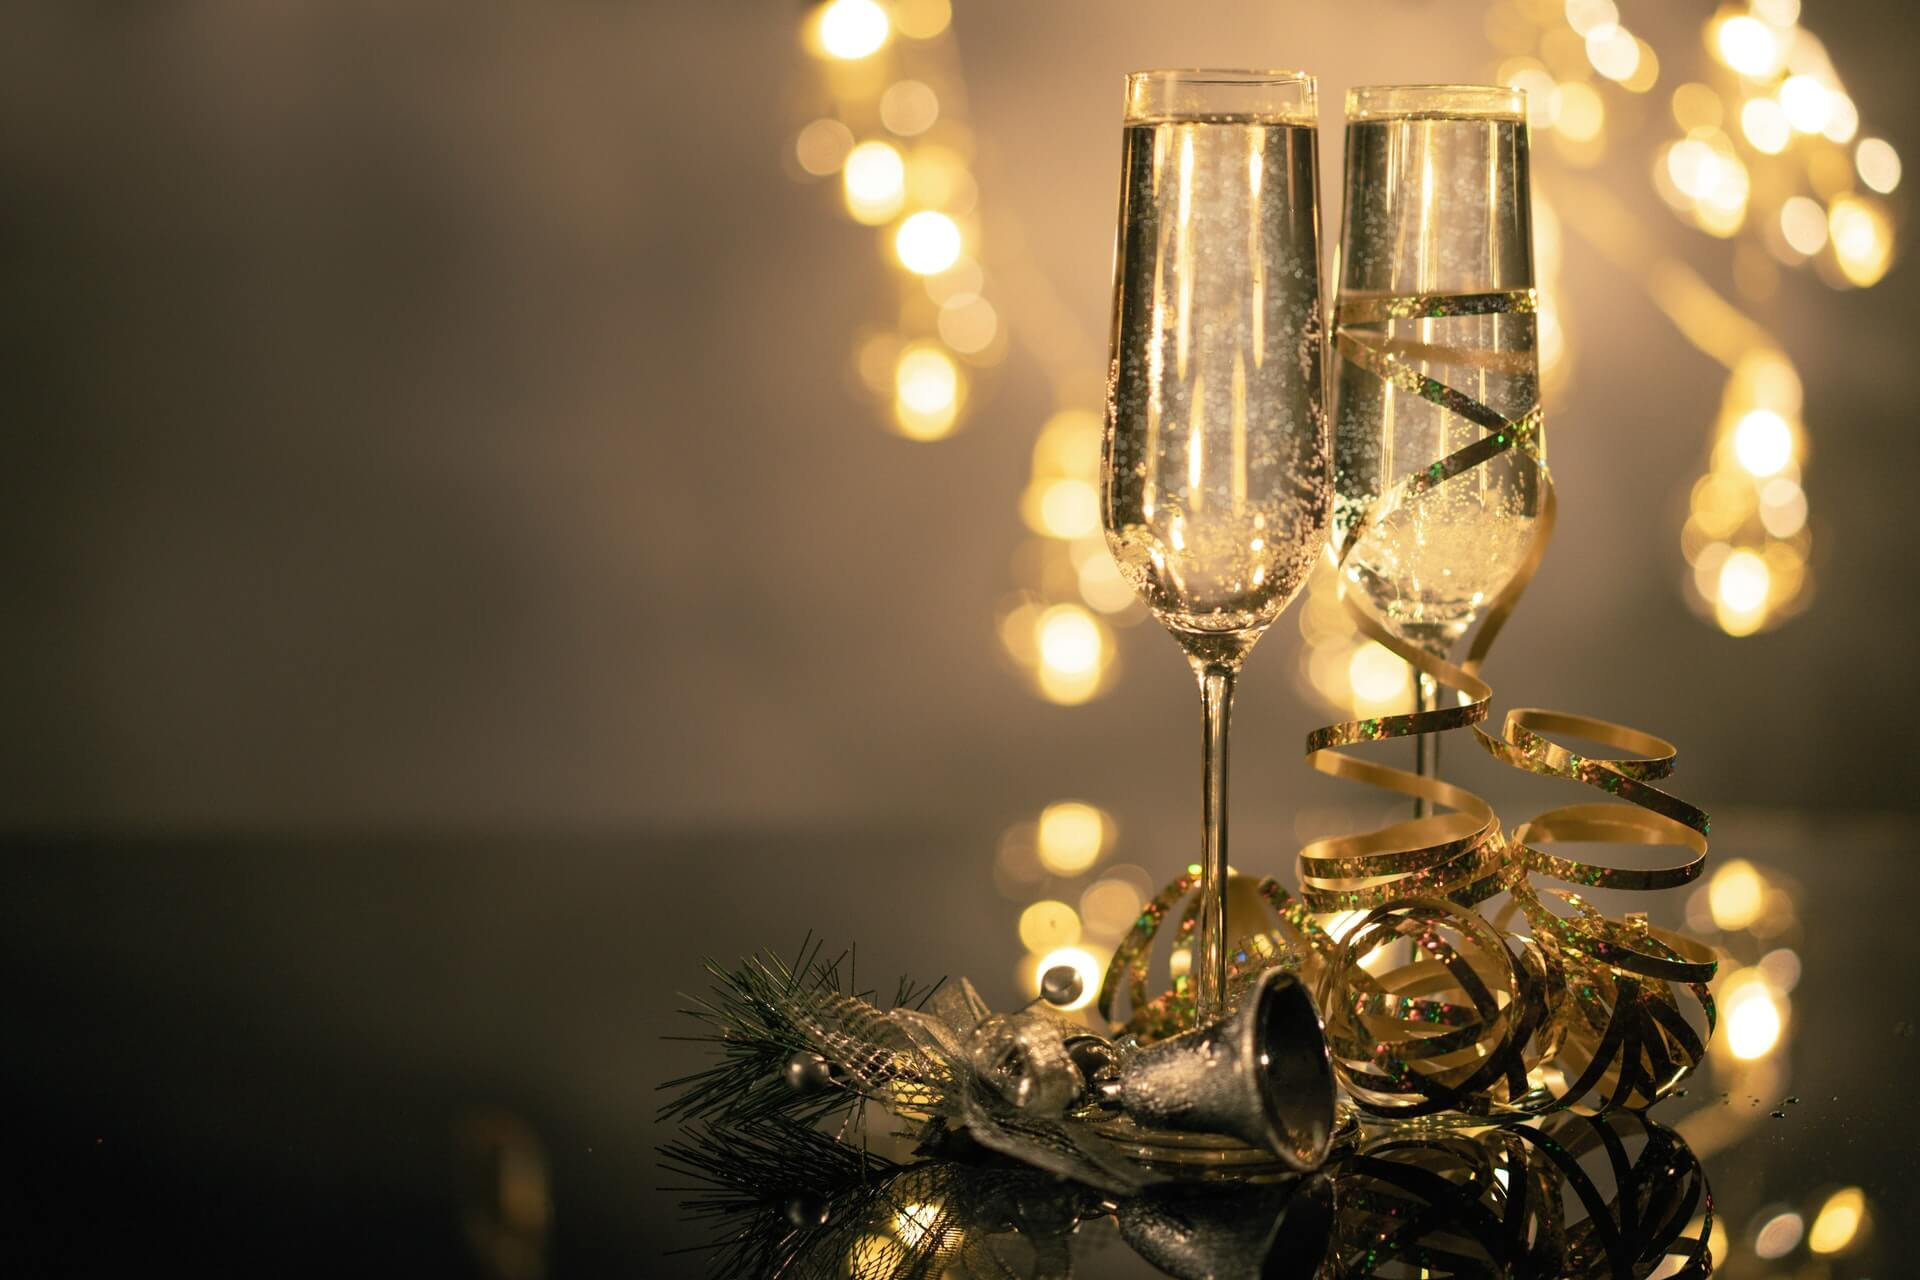 Afbeelding van twee glazen champagne